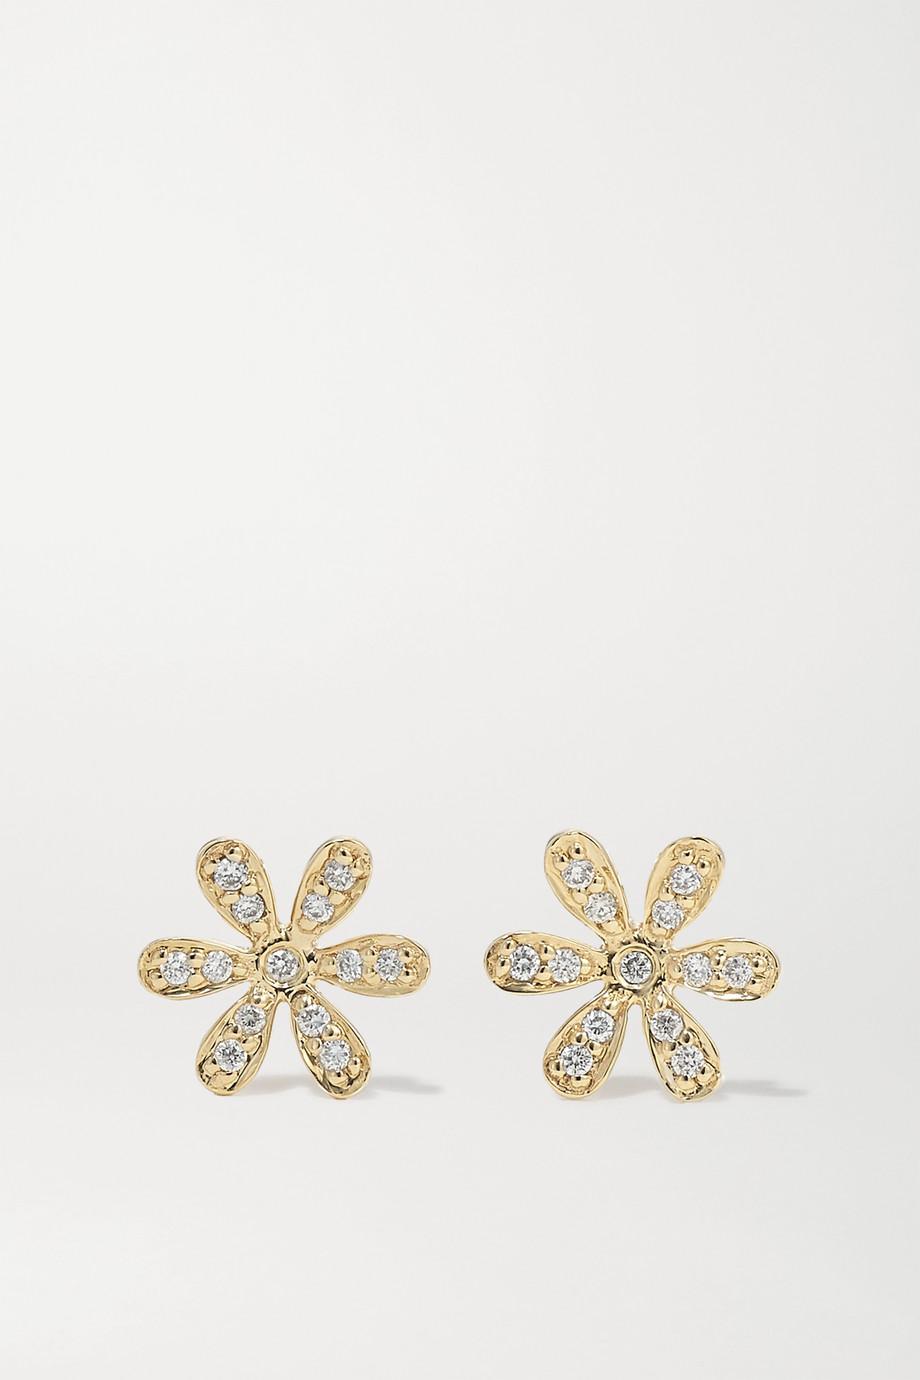 Sydney Evan Baby Daisy Ohrringe aus 14 Karat Gold mit Diamanten